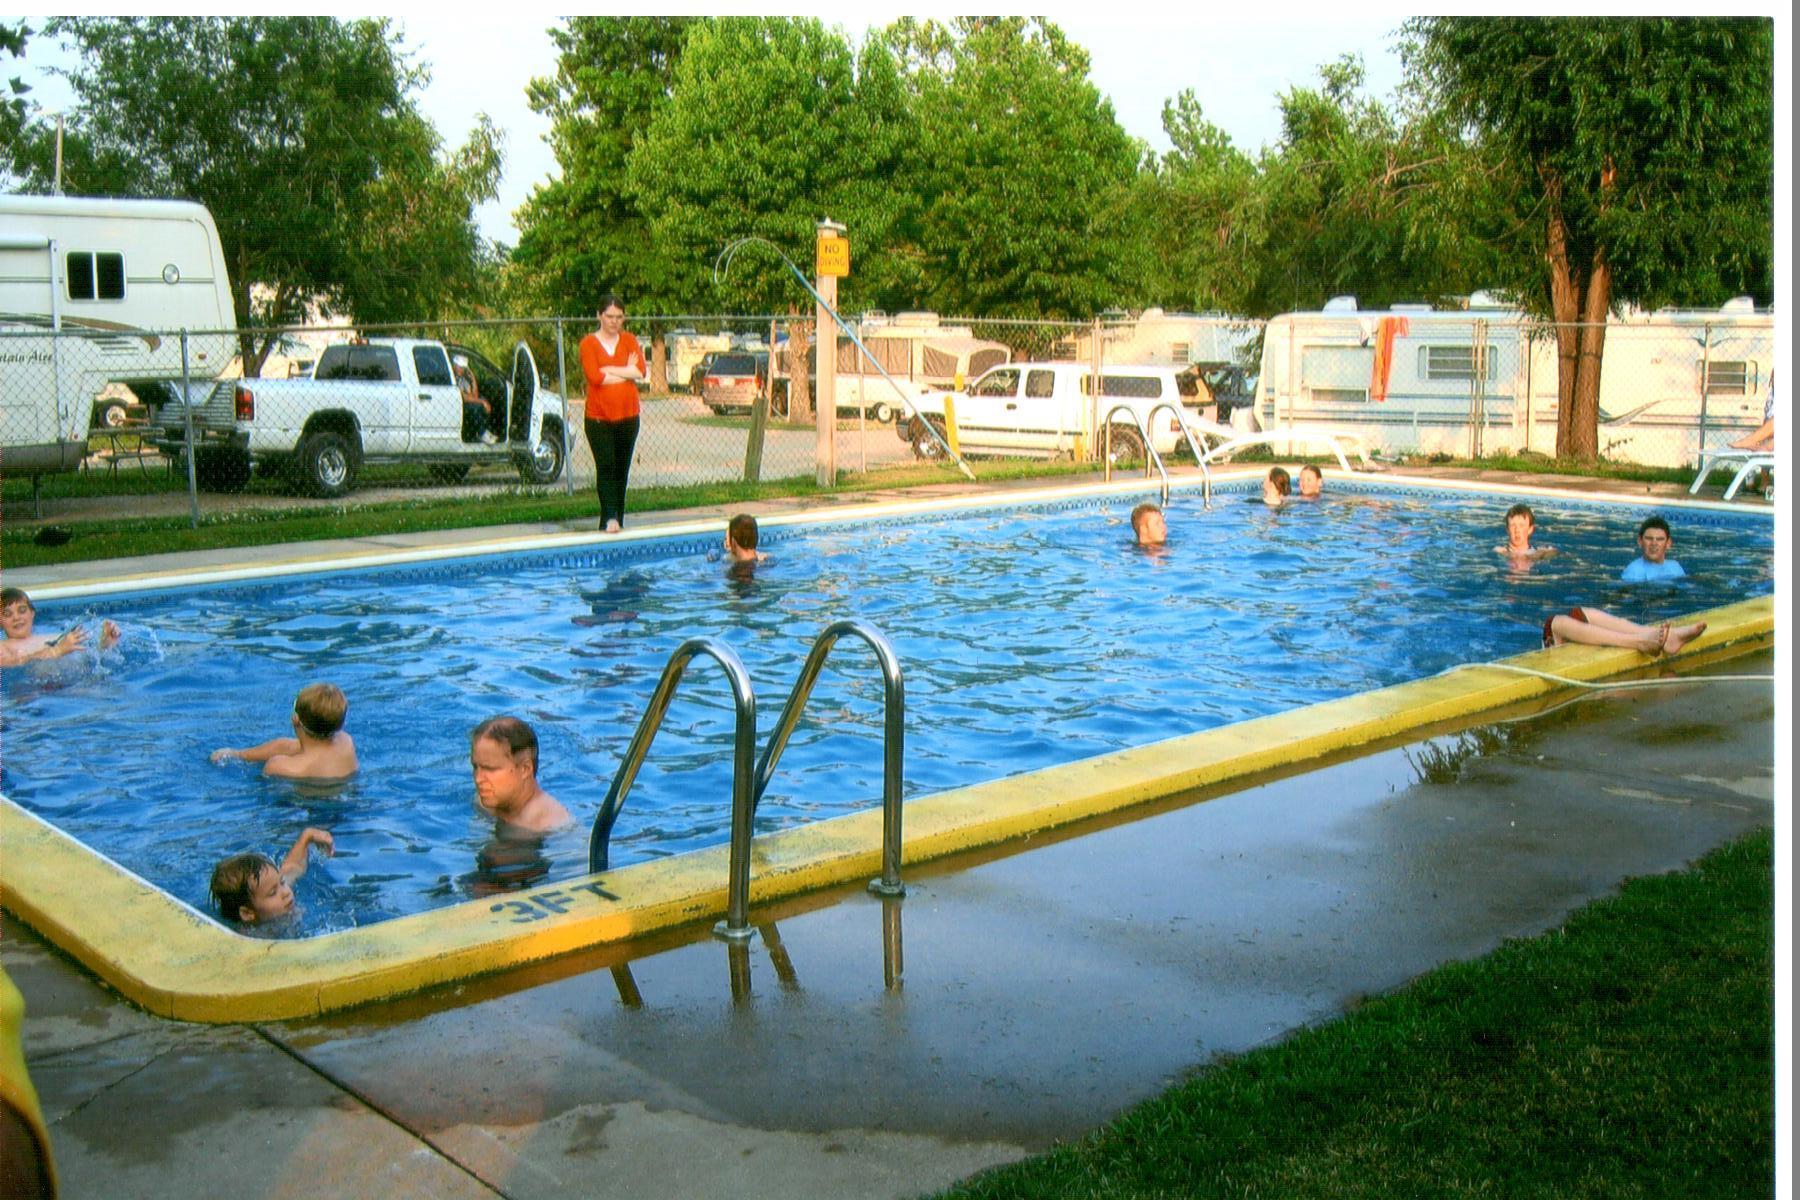 Kansas City East / Oak Grove KOA Holiday image 11